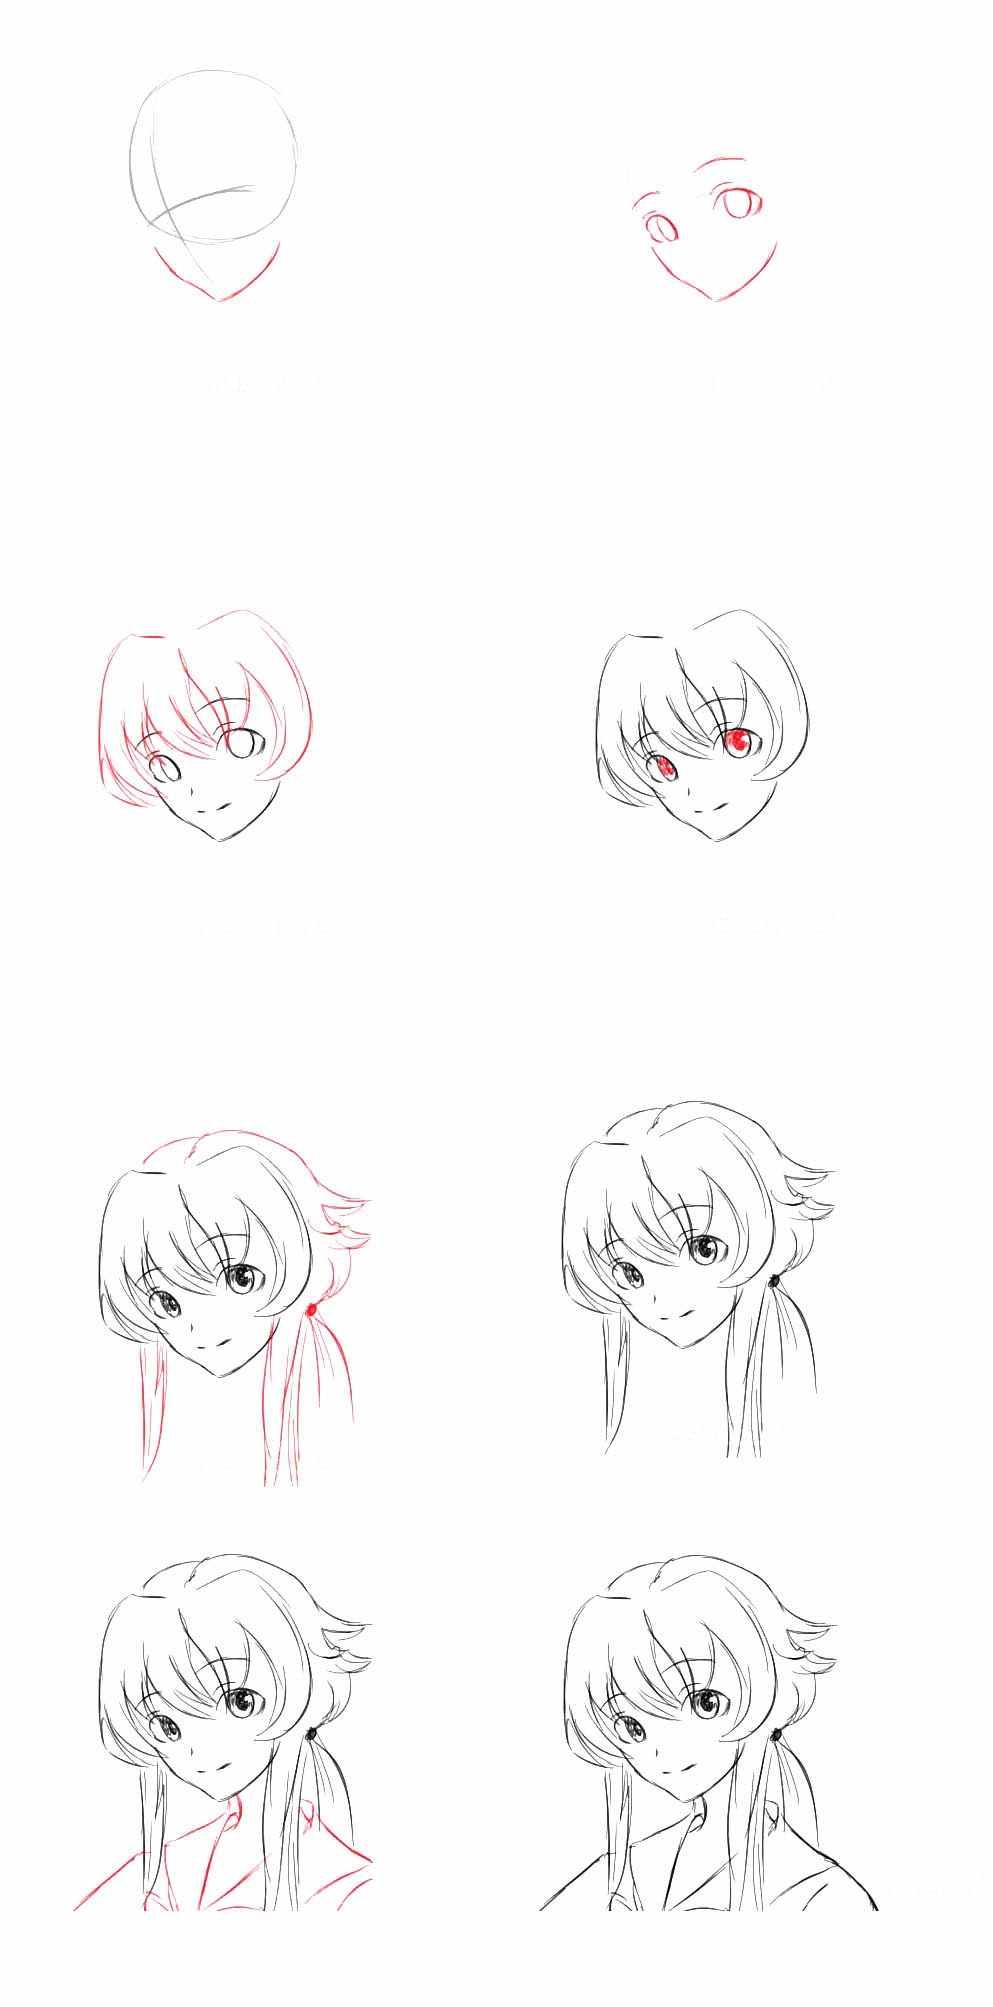 Легкие картинки для срисовки в стиле аниме 07